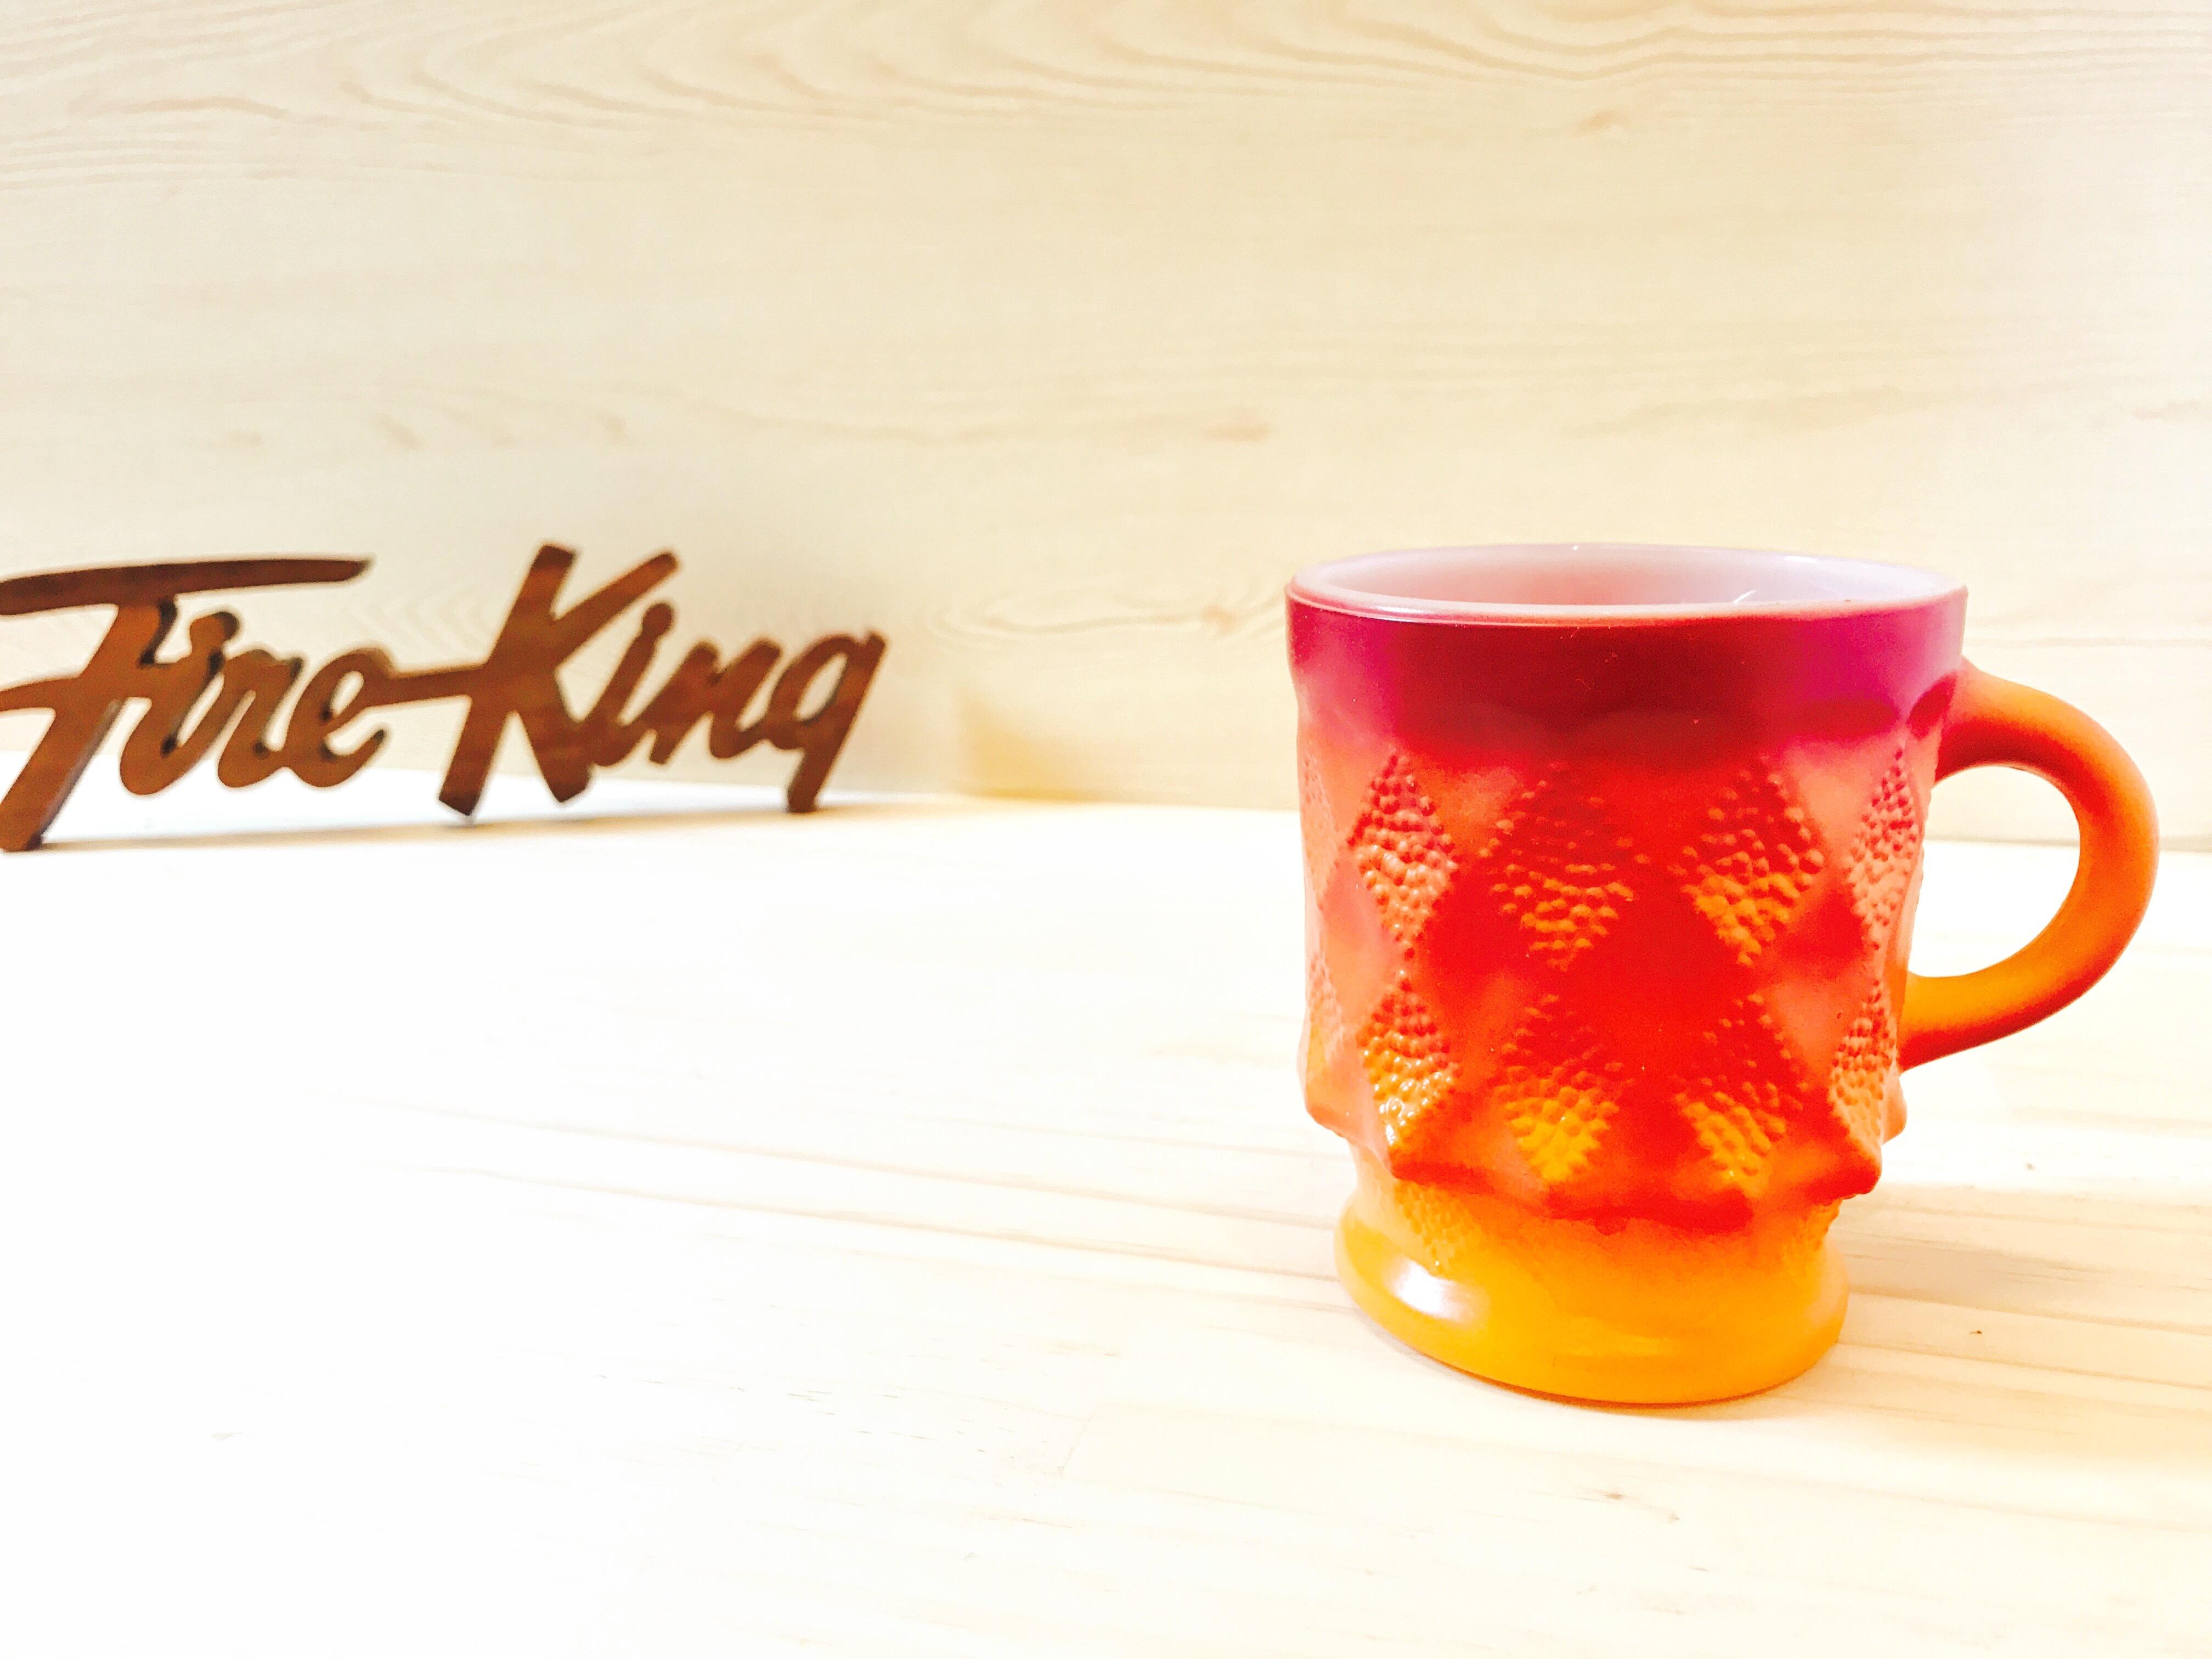 """[Fire King] ダイヤモンドマグ """"キンバリー"""" レッド・オレンジ ミルクガラス (識別No.21001)"""